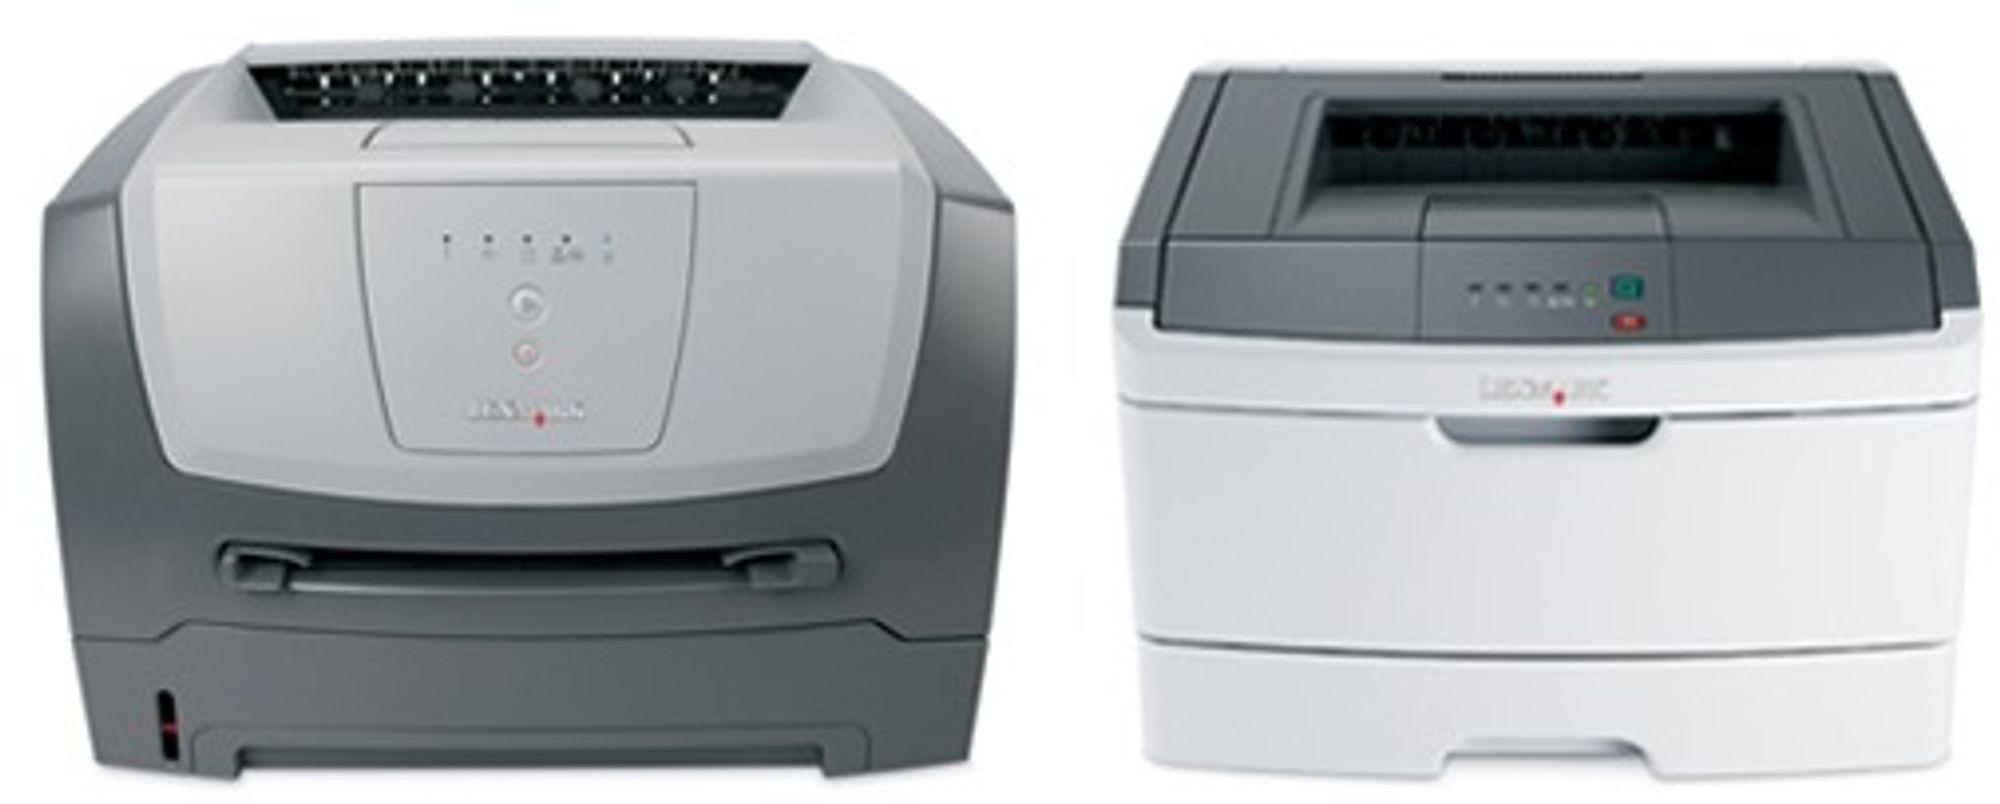 Gammel og ny design. E250d (til venstre) erstattes av E260d.